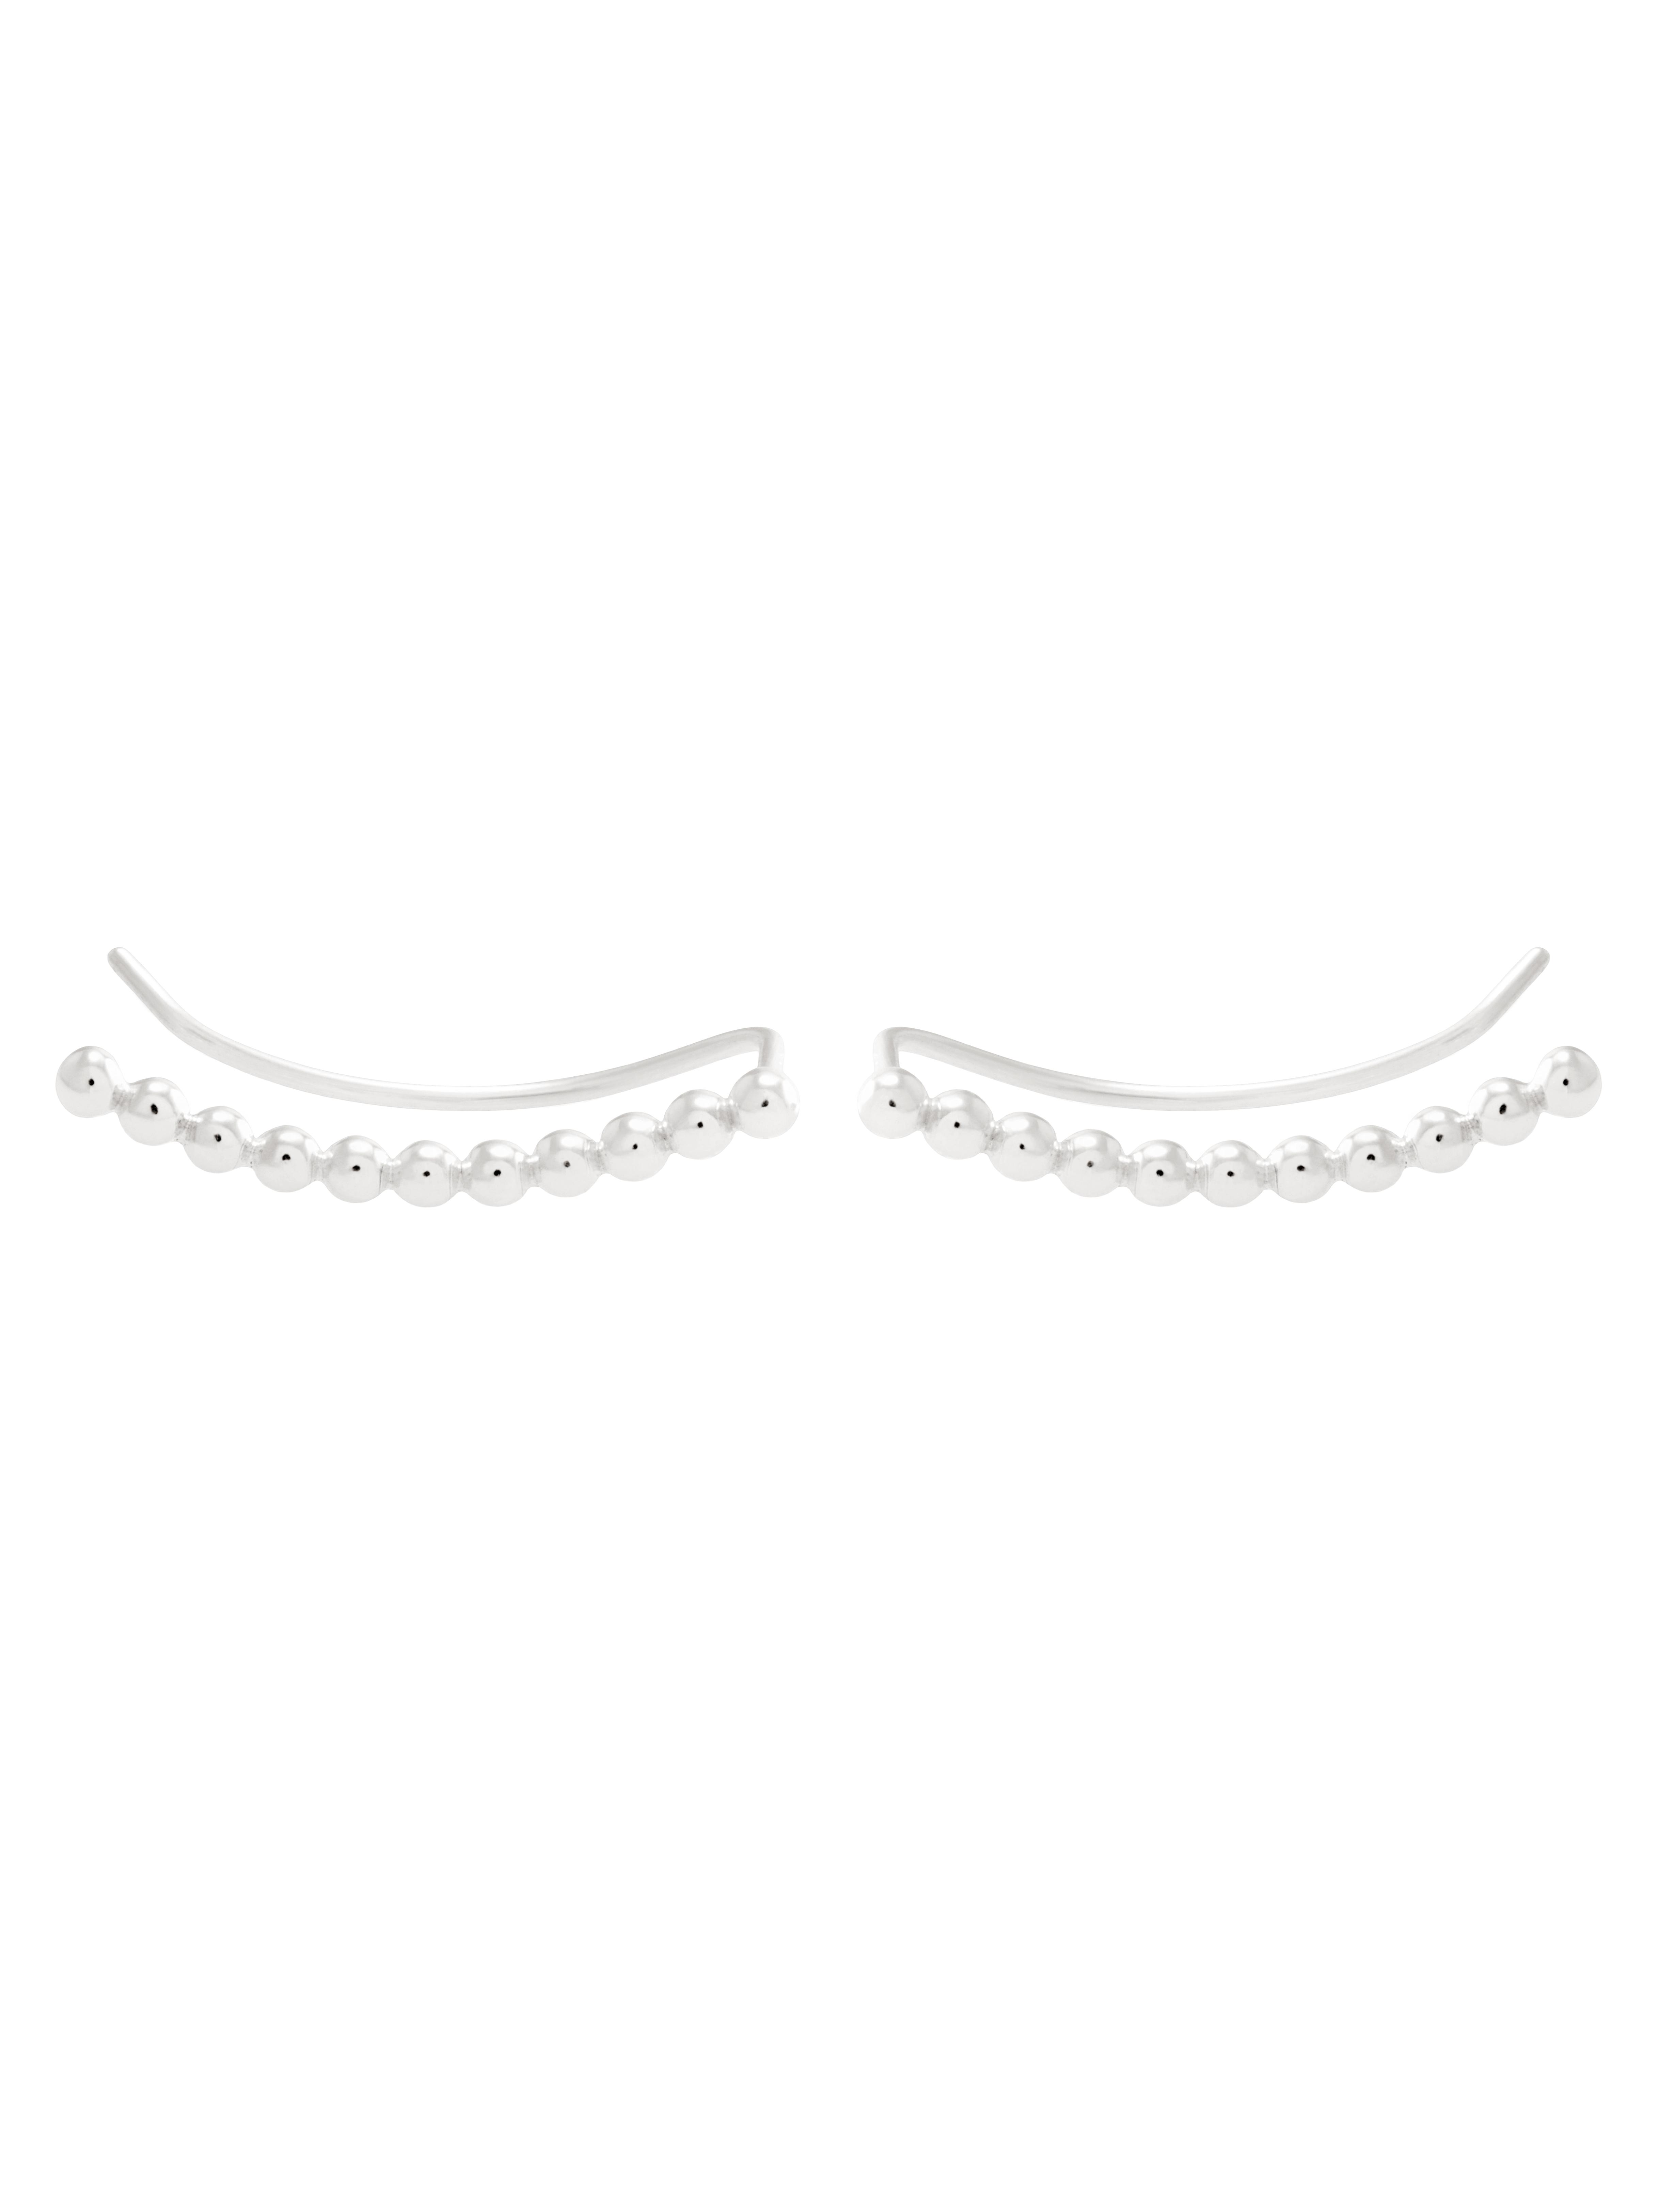 srebrne kolczyki z kulkami nausznica minimalistyczna biżuteria moie